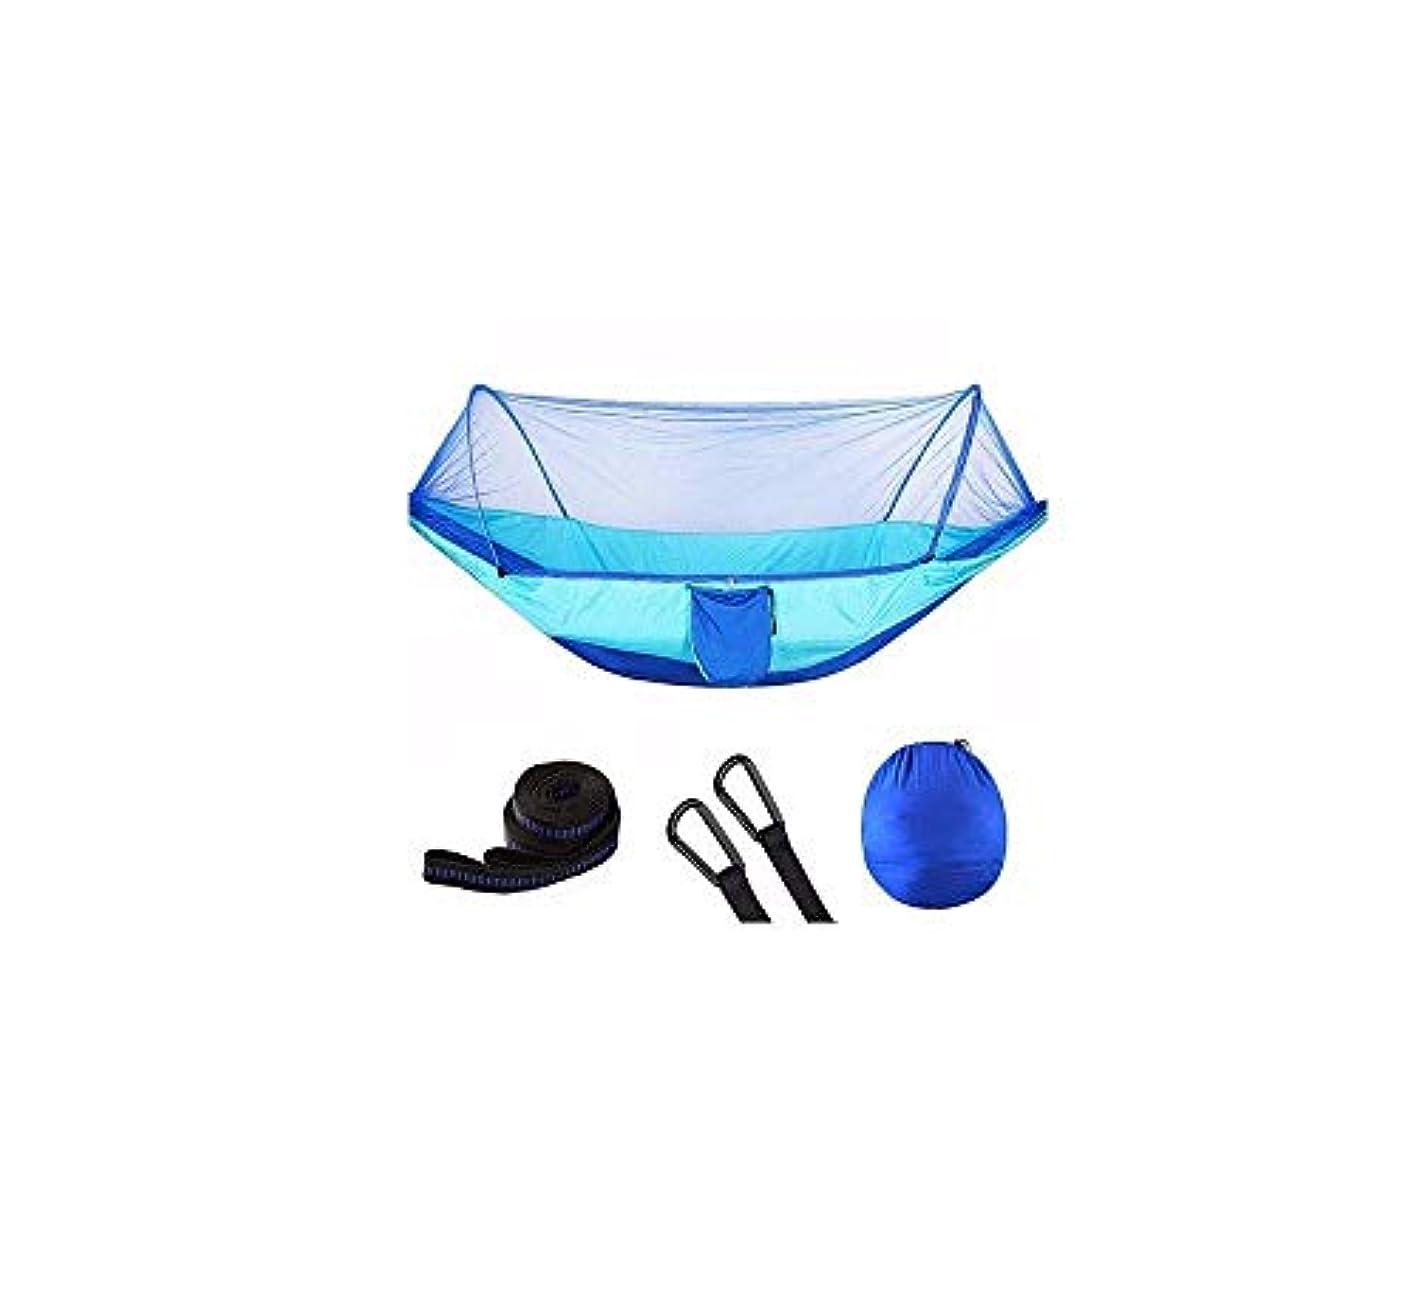 ナット会社開始キャンプハンモックパラシュート布自動スピードオープンテントタイプ屋外スイング蚊帳ハンモック (Color : Blue net)